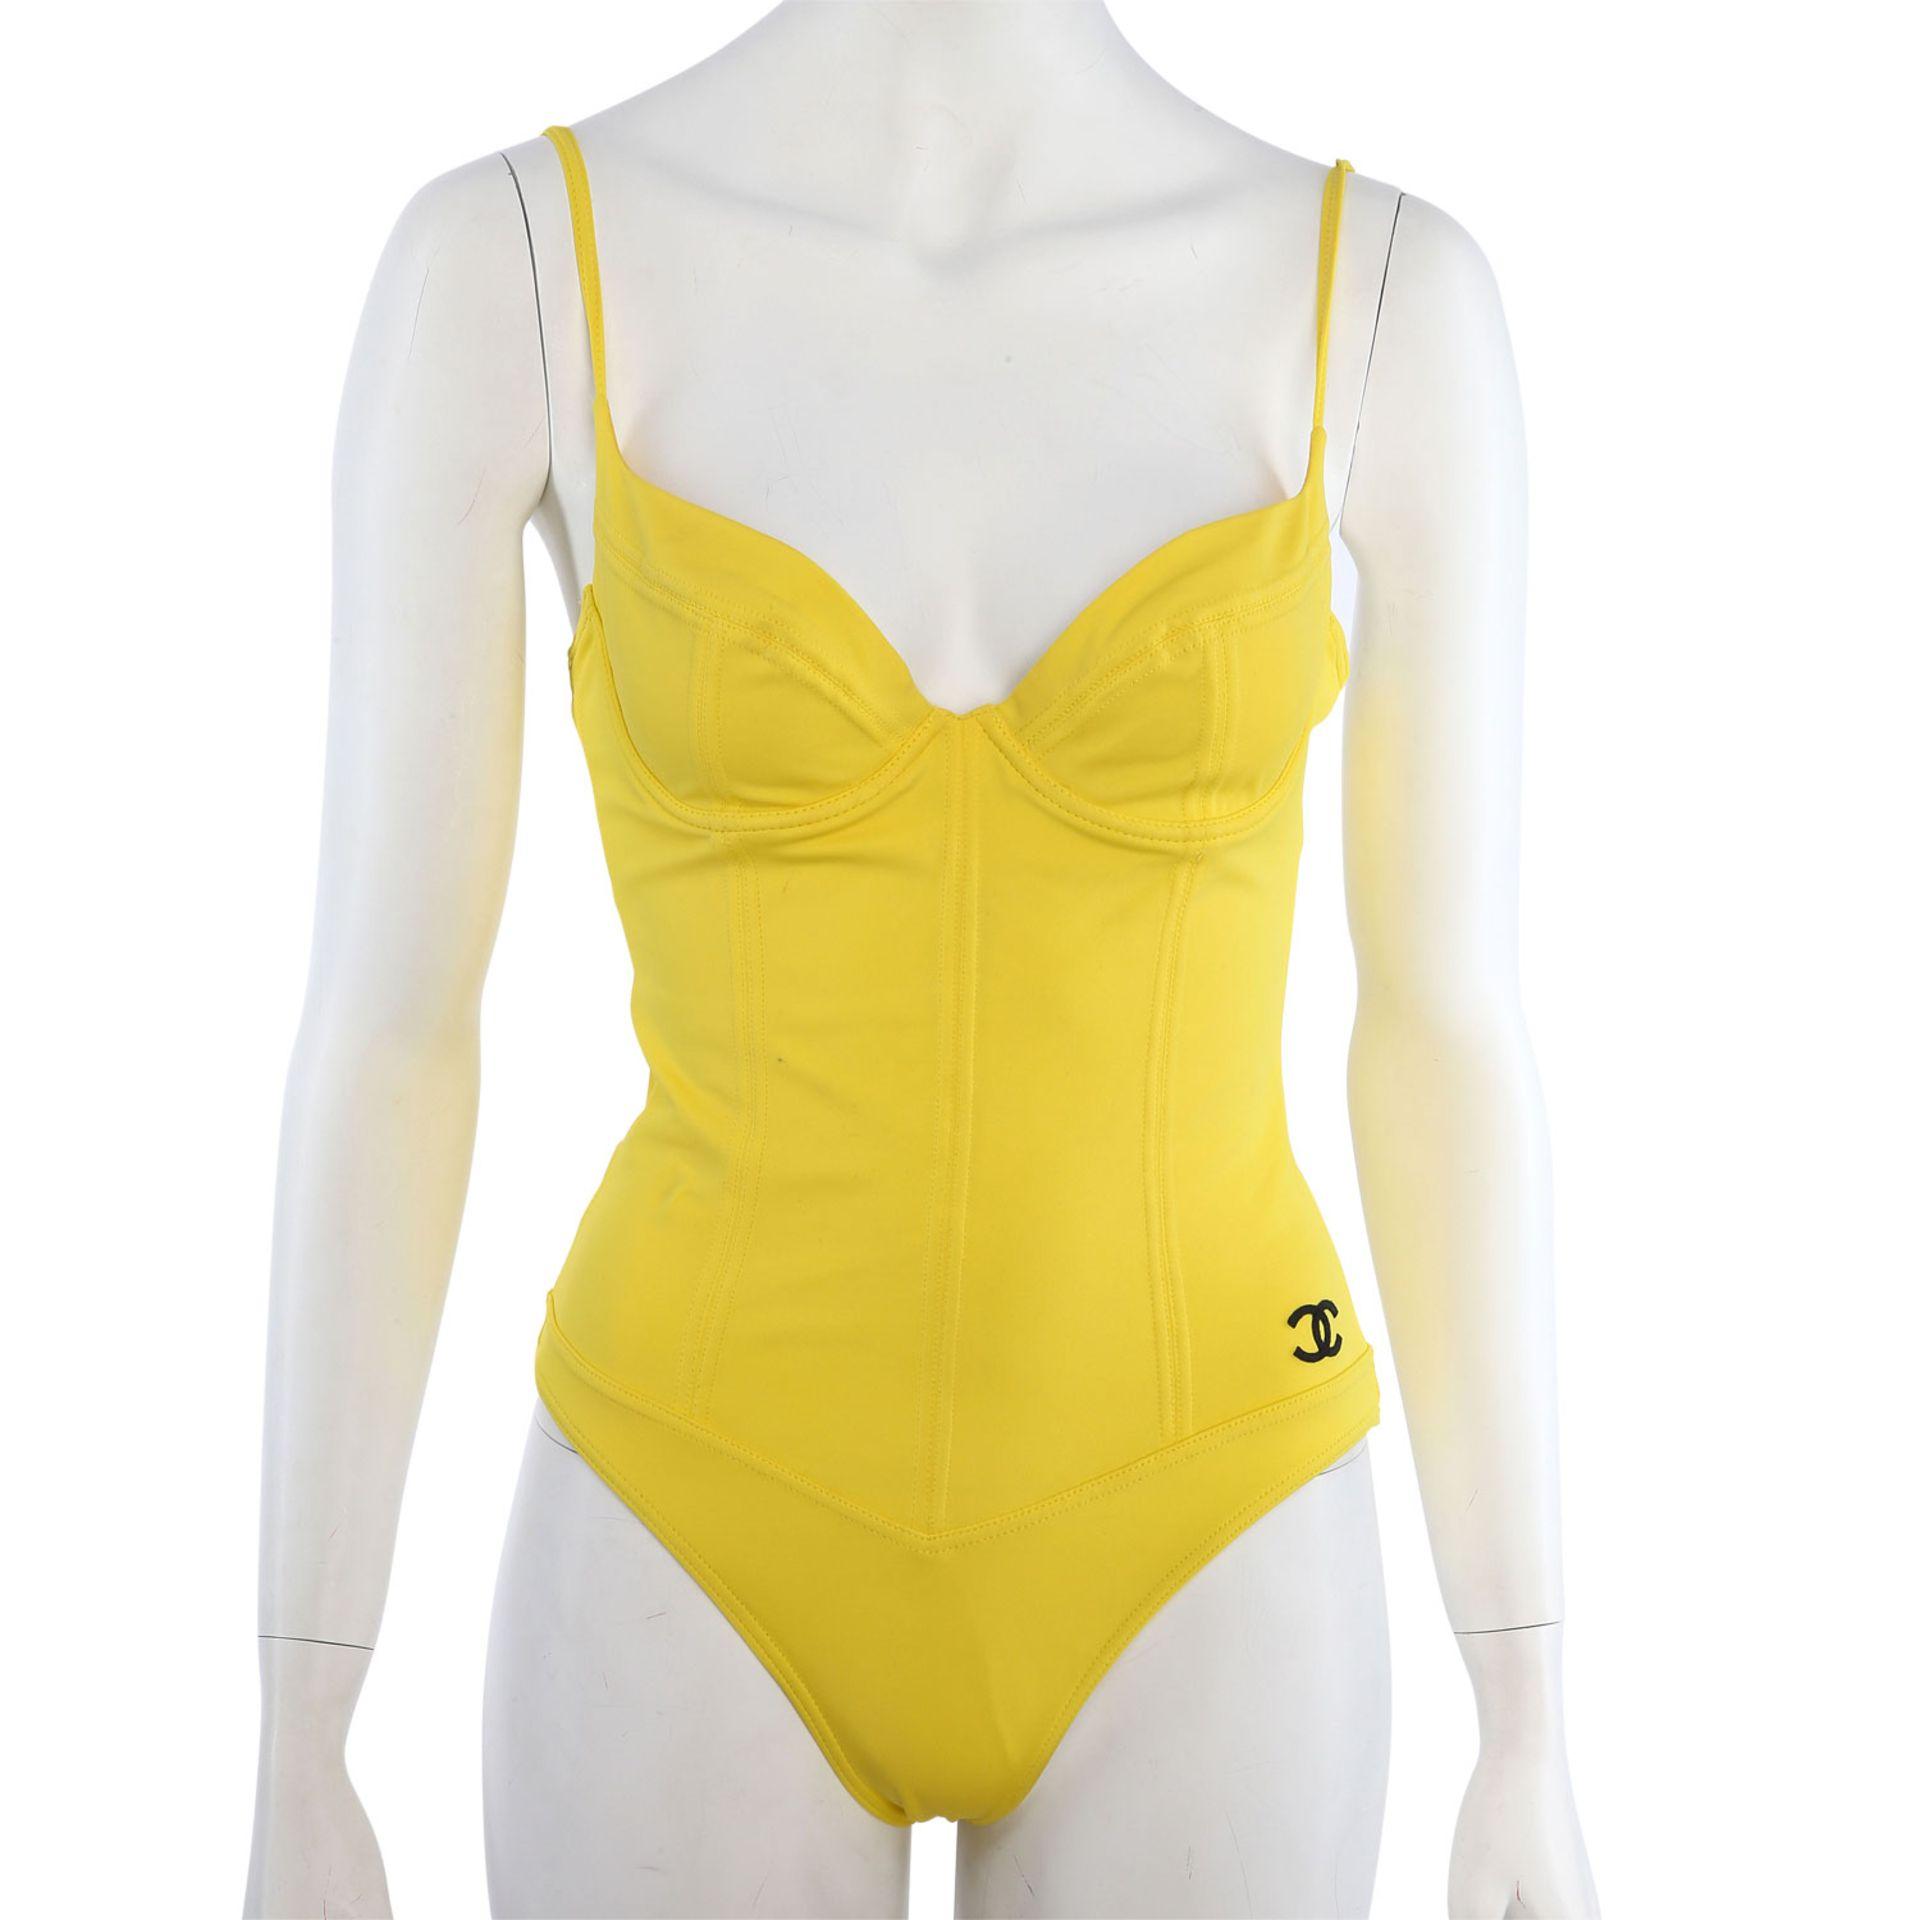 CHANEL VINTAGE Badeanzug, Gr. 38/40.NP. ca.: 1.500,-€. Gelbes Modell mit Teilungsnähten und